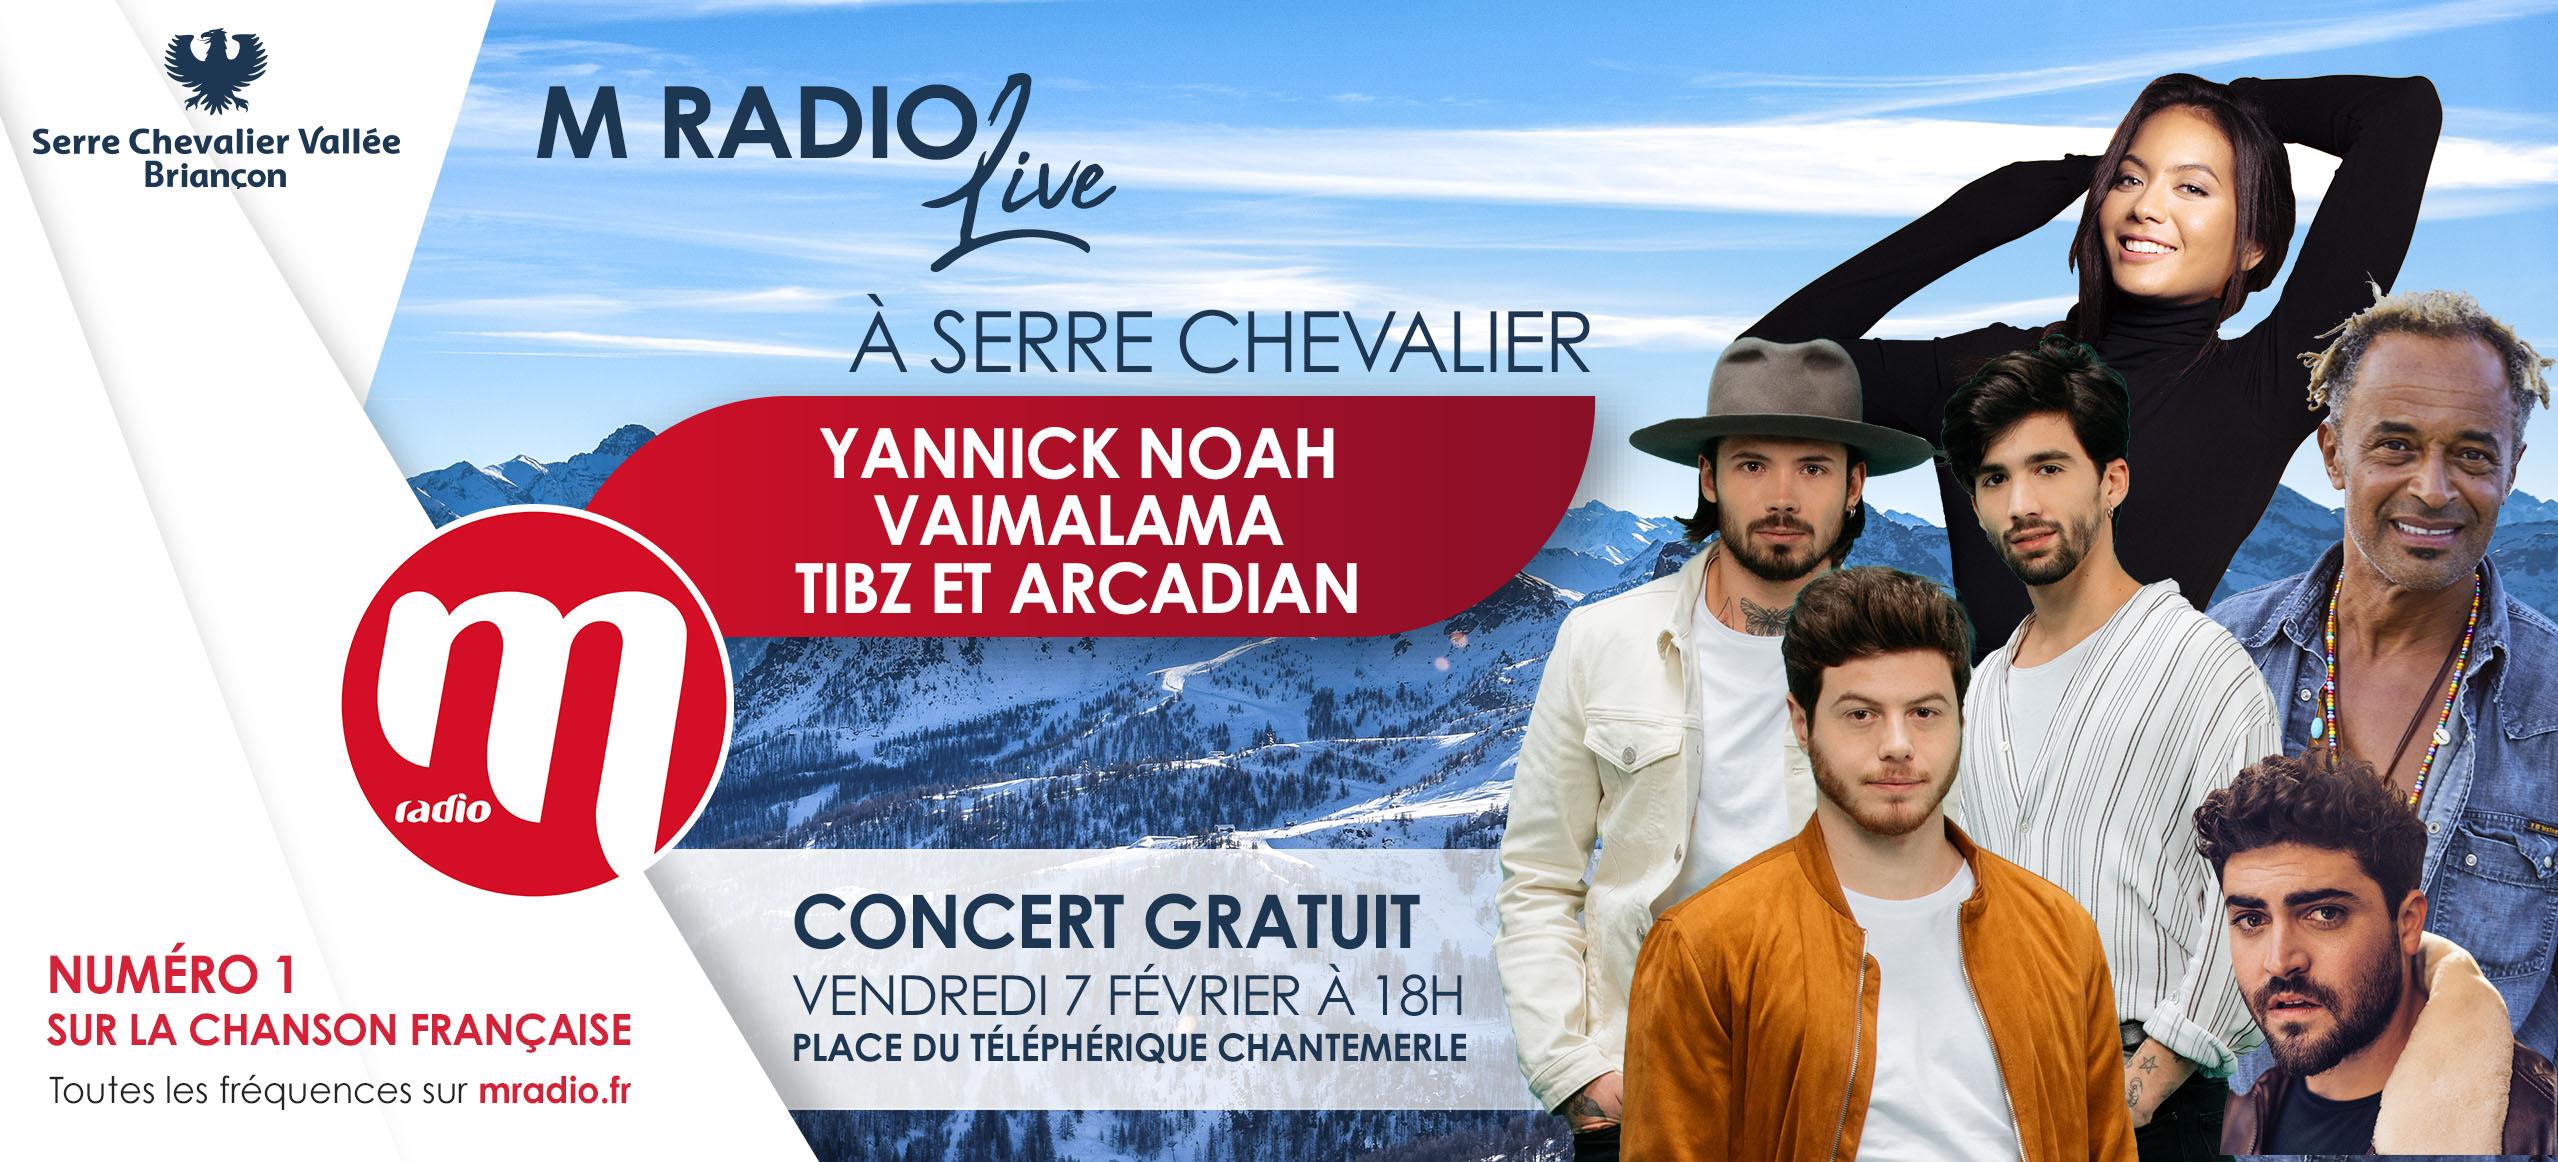 M Radio prend de l'altitude à Serre-Chevalier